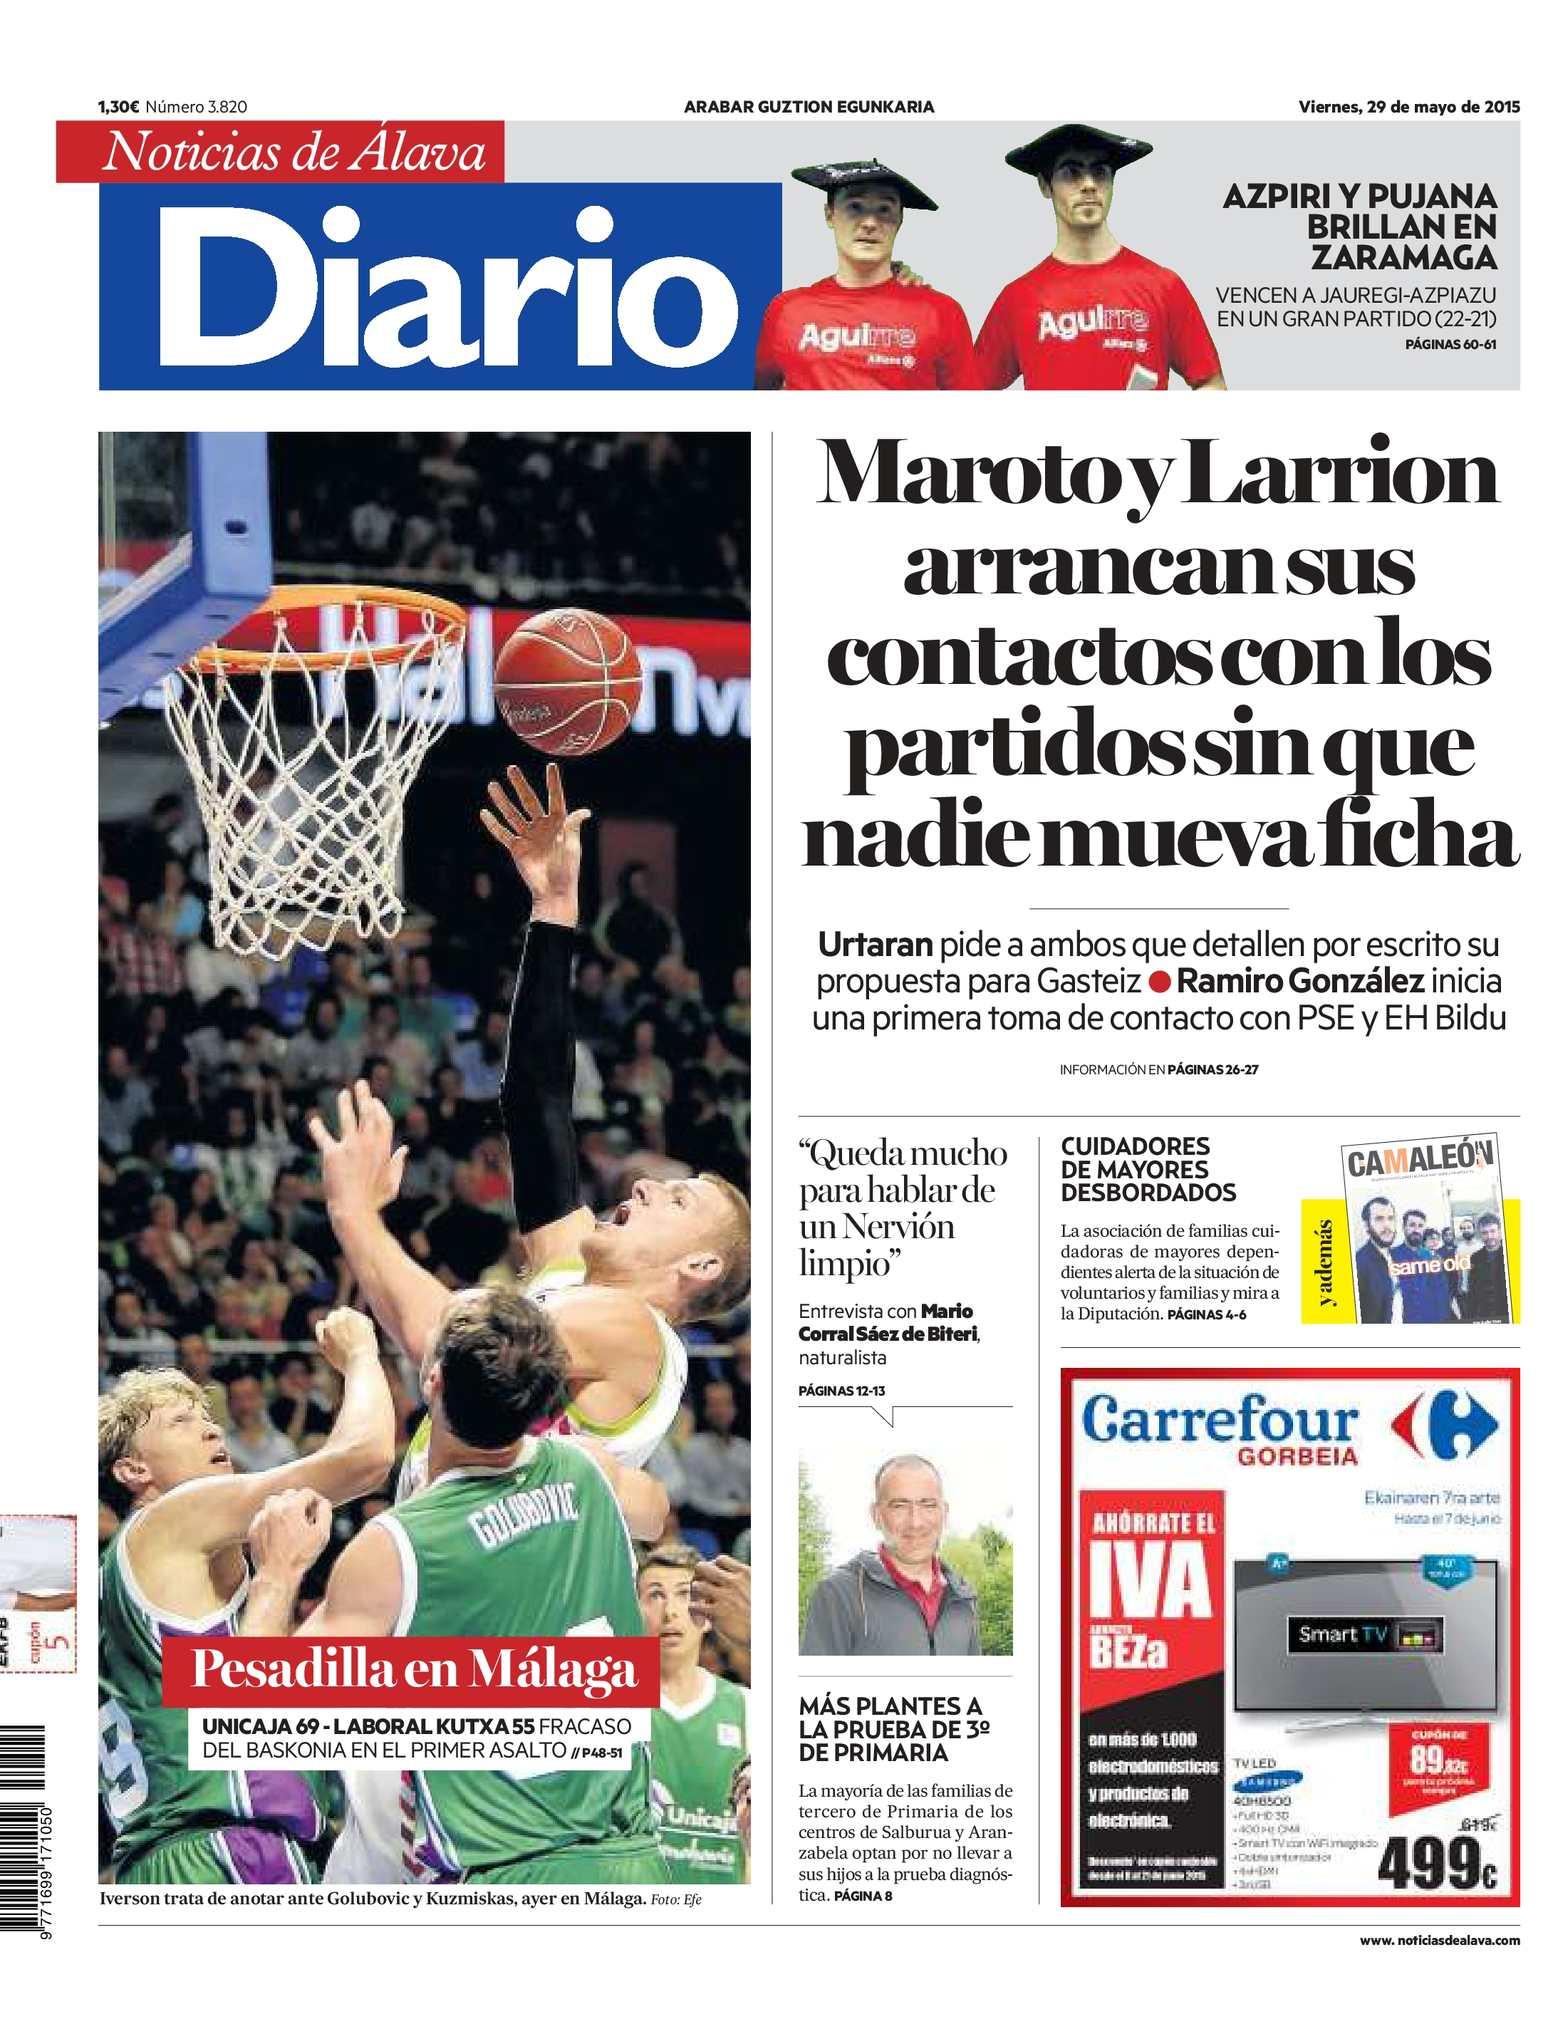 Calaméo - Diario de Noticias de Álava 20150529 829b64a74dd